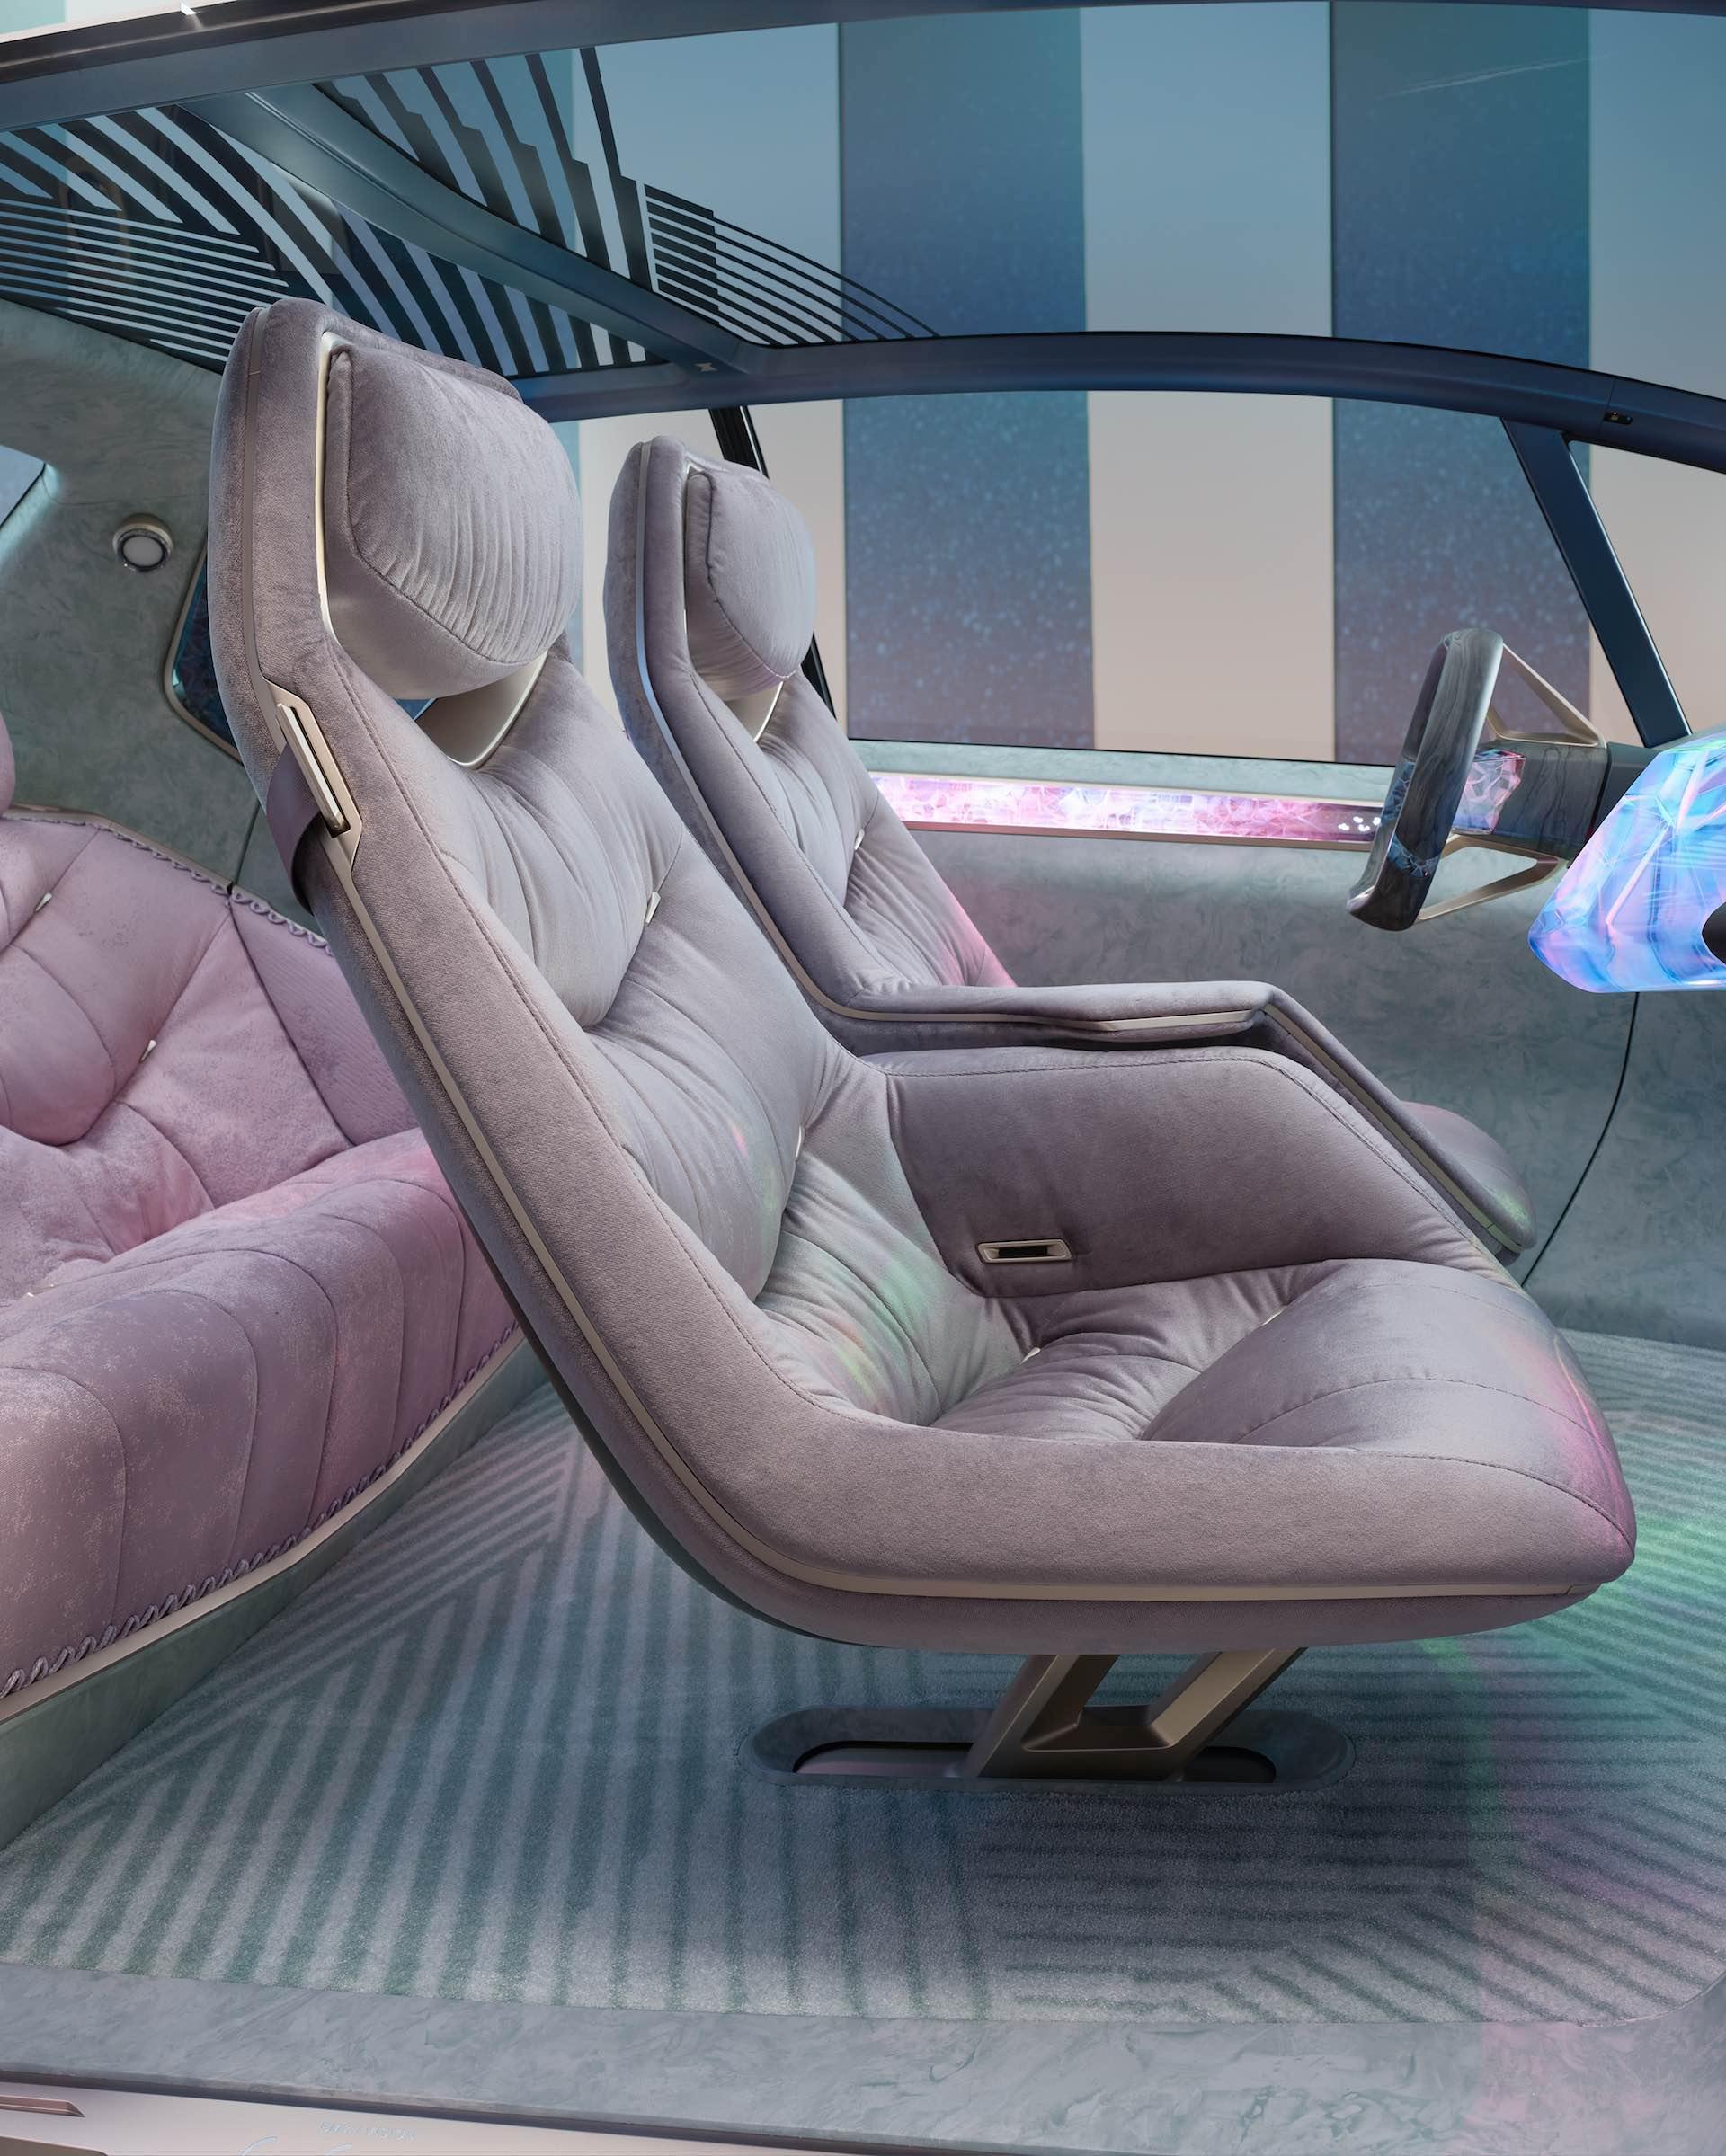 Quên Kia Morning, Hyundai Grand i10 đi, đây sẽ là mẫu xe đi phố của 20 năm sau - Ảnh 6.